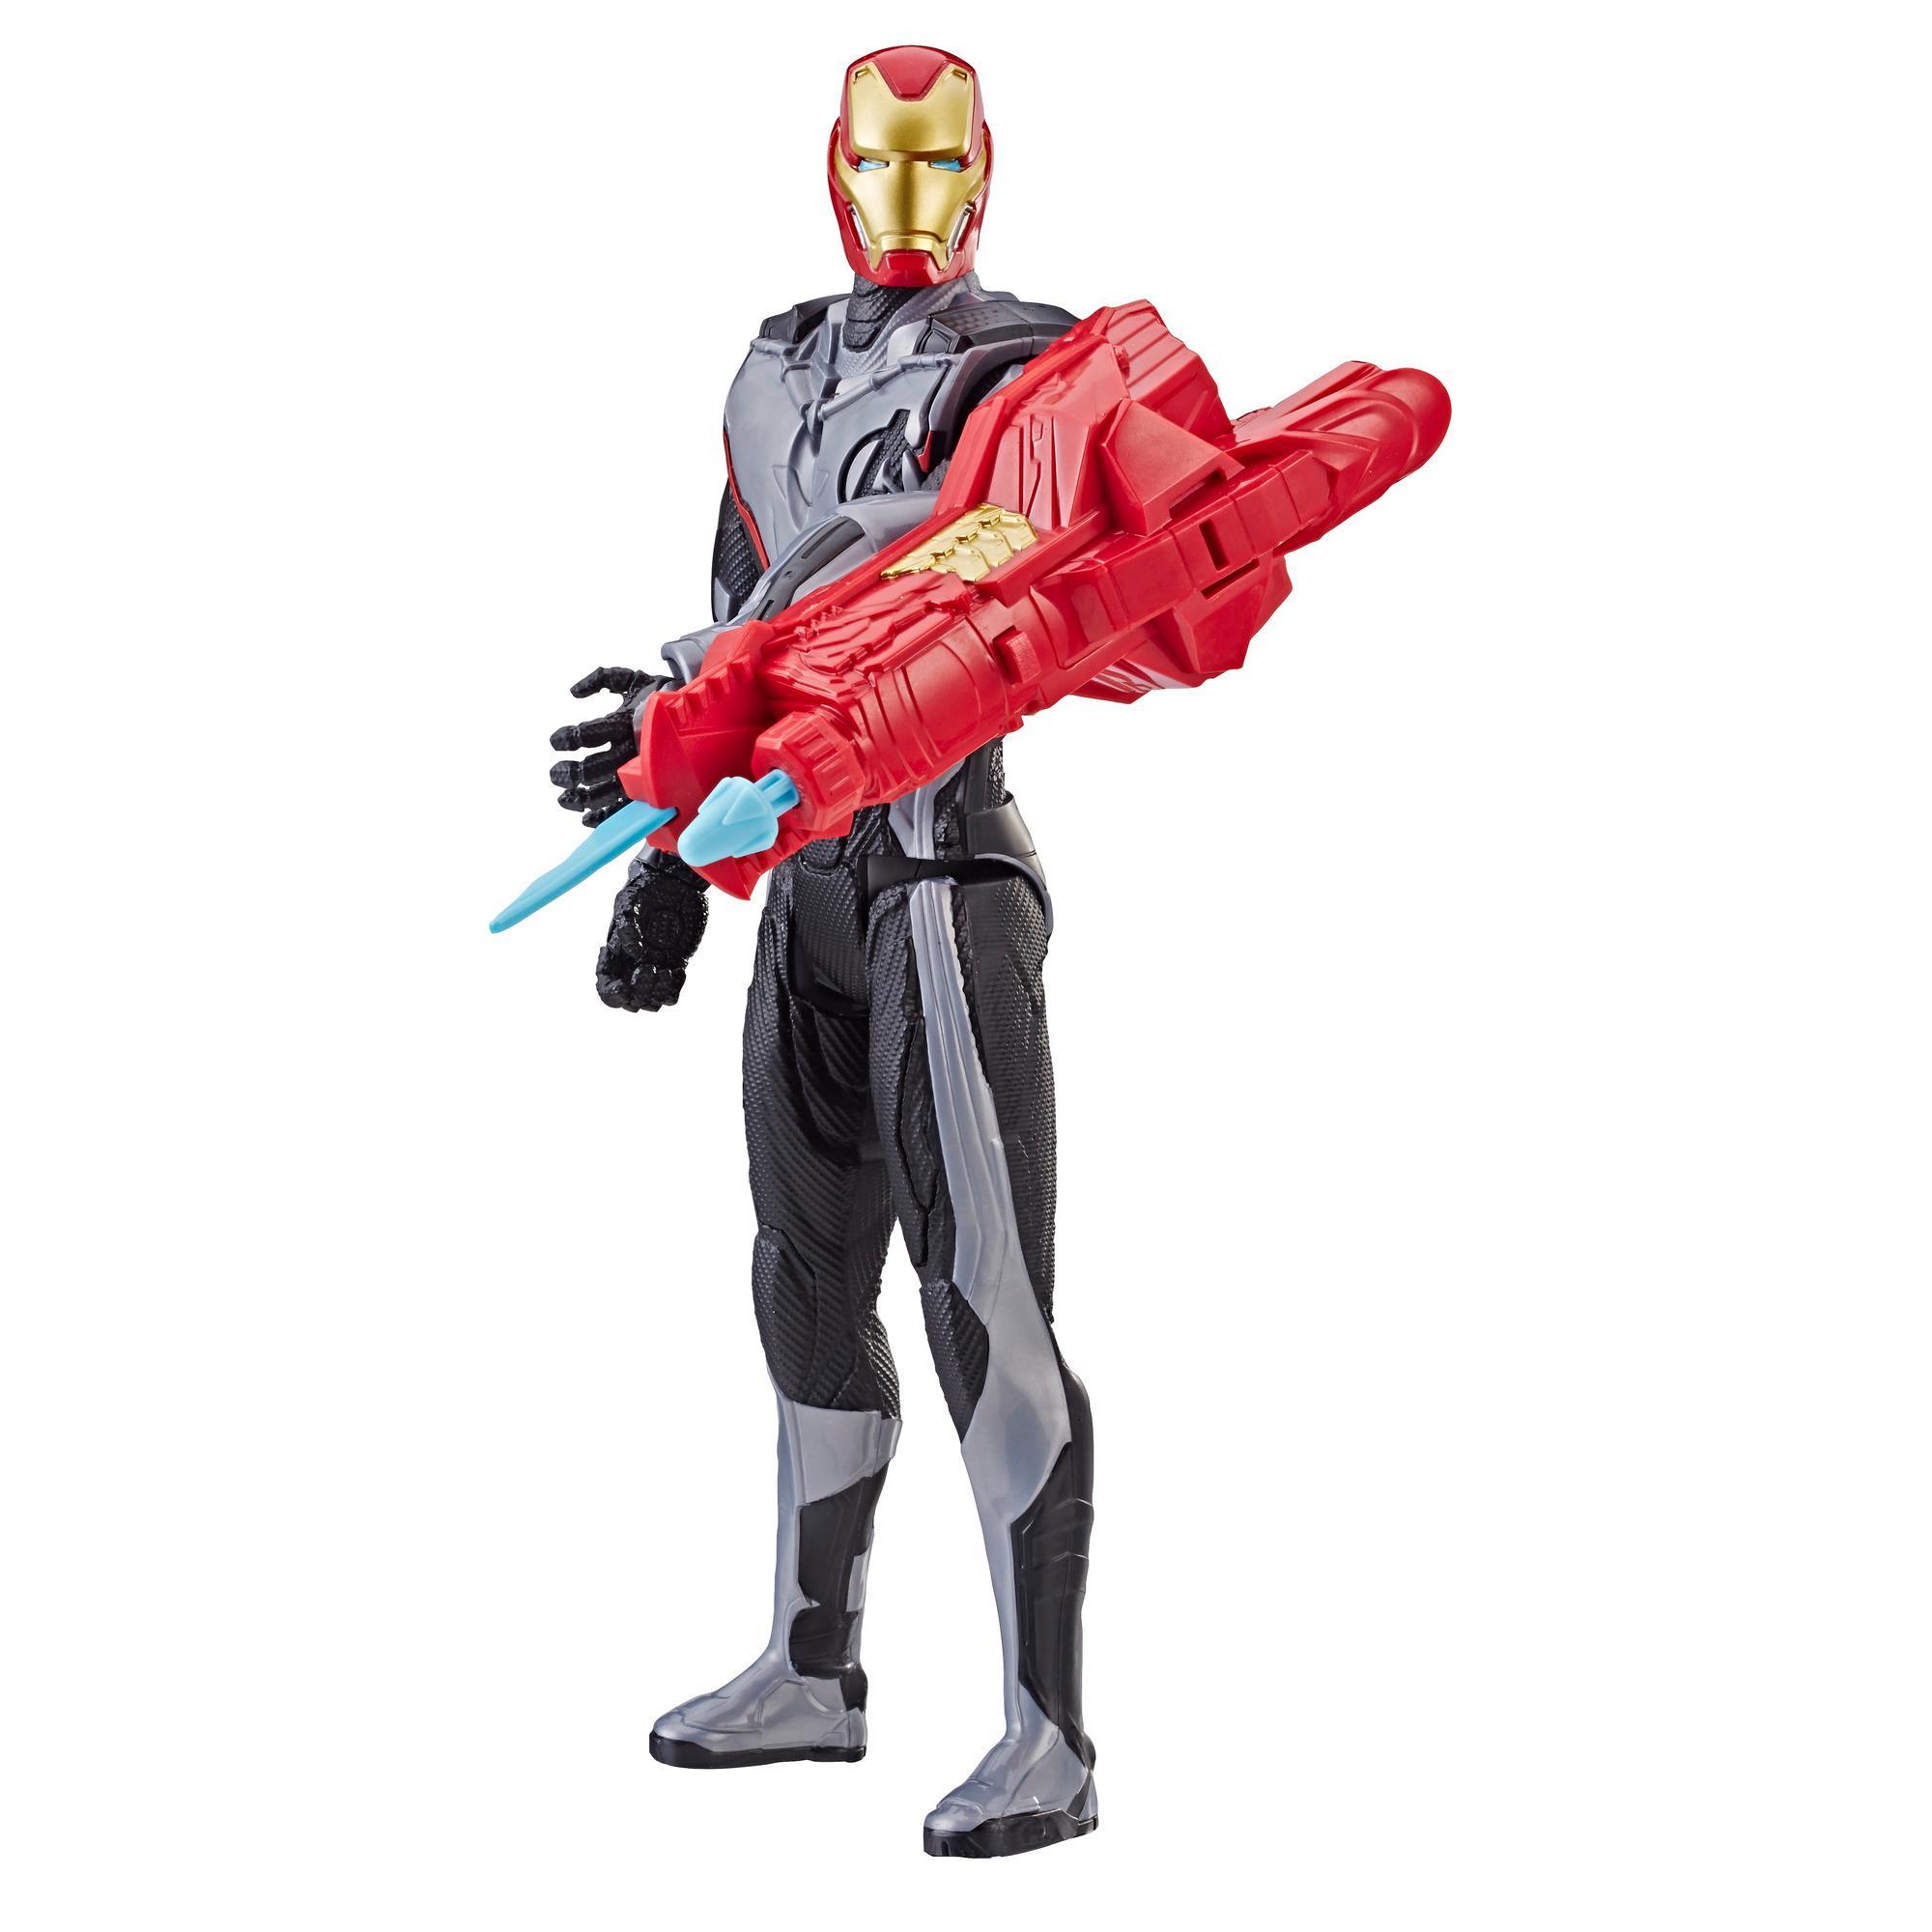 Marvel Avengers: Endgame - Titan Hero Power FX Iron Man